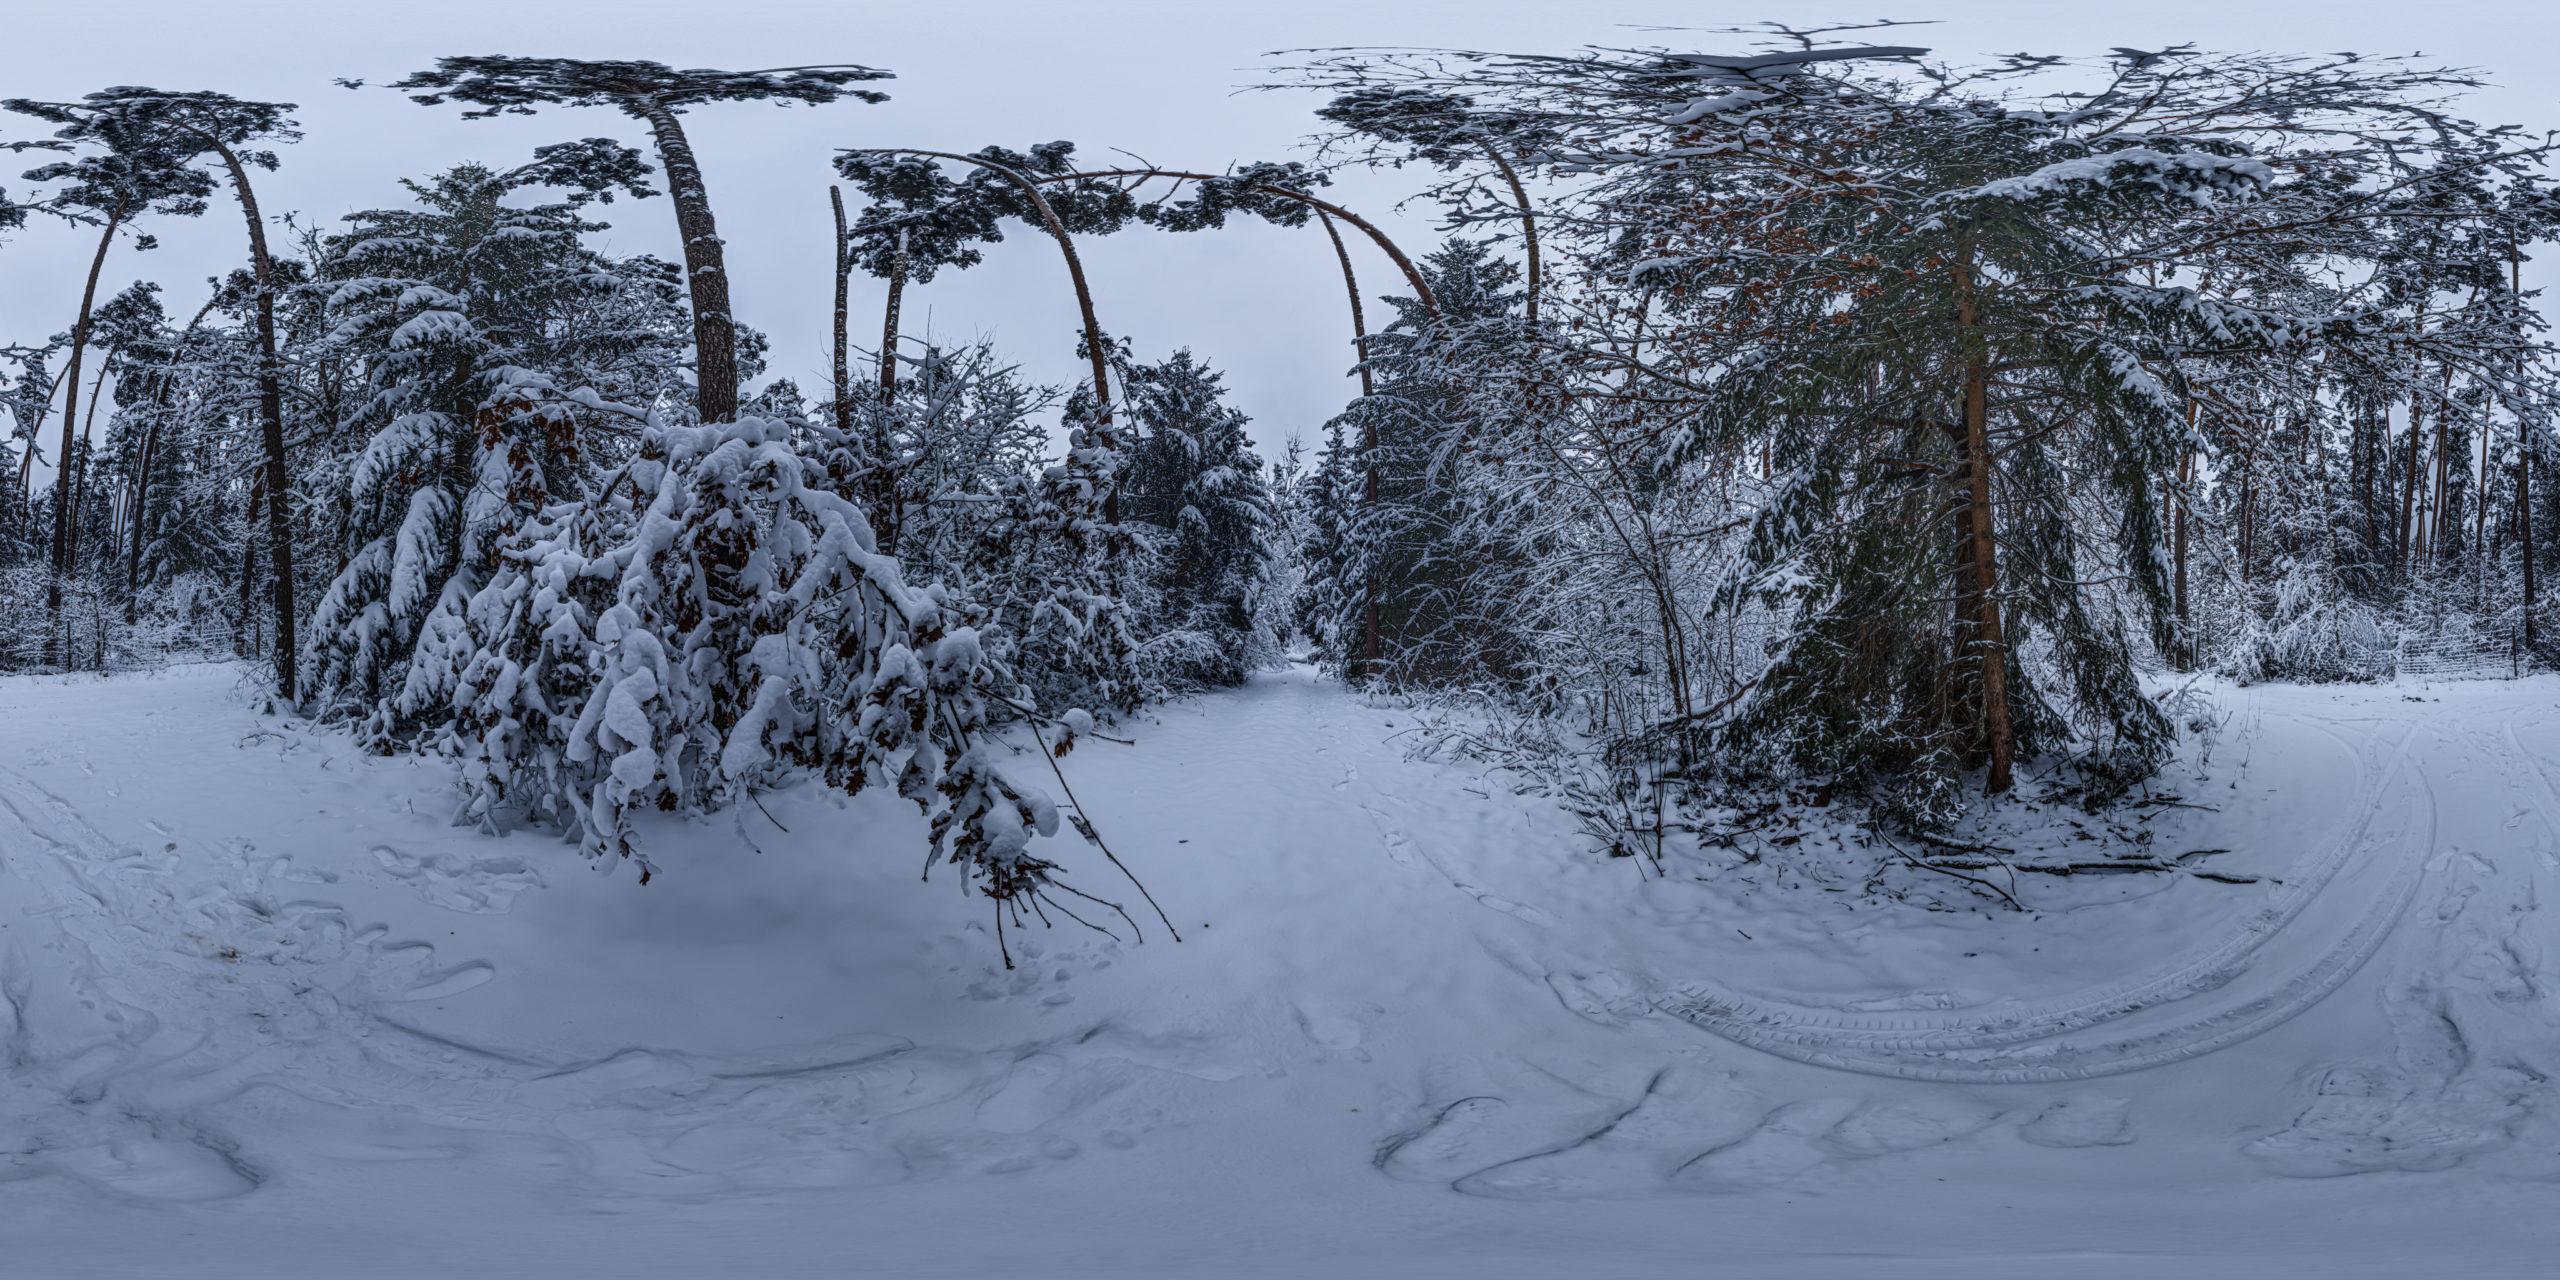 HDRI-Skies-Snowy-Forest-Petersgmünd